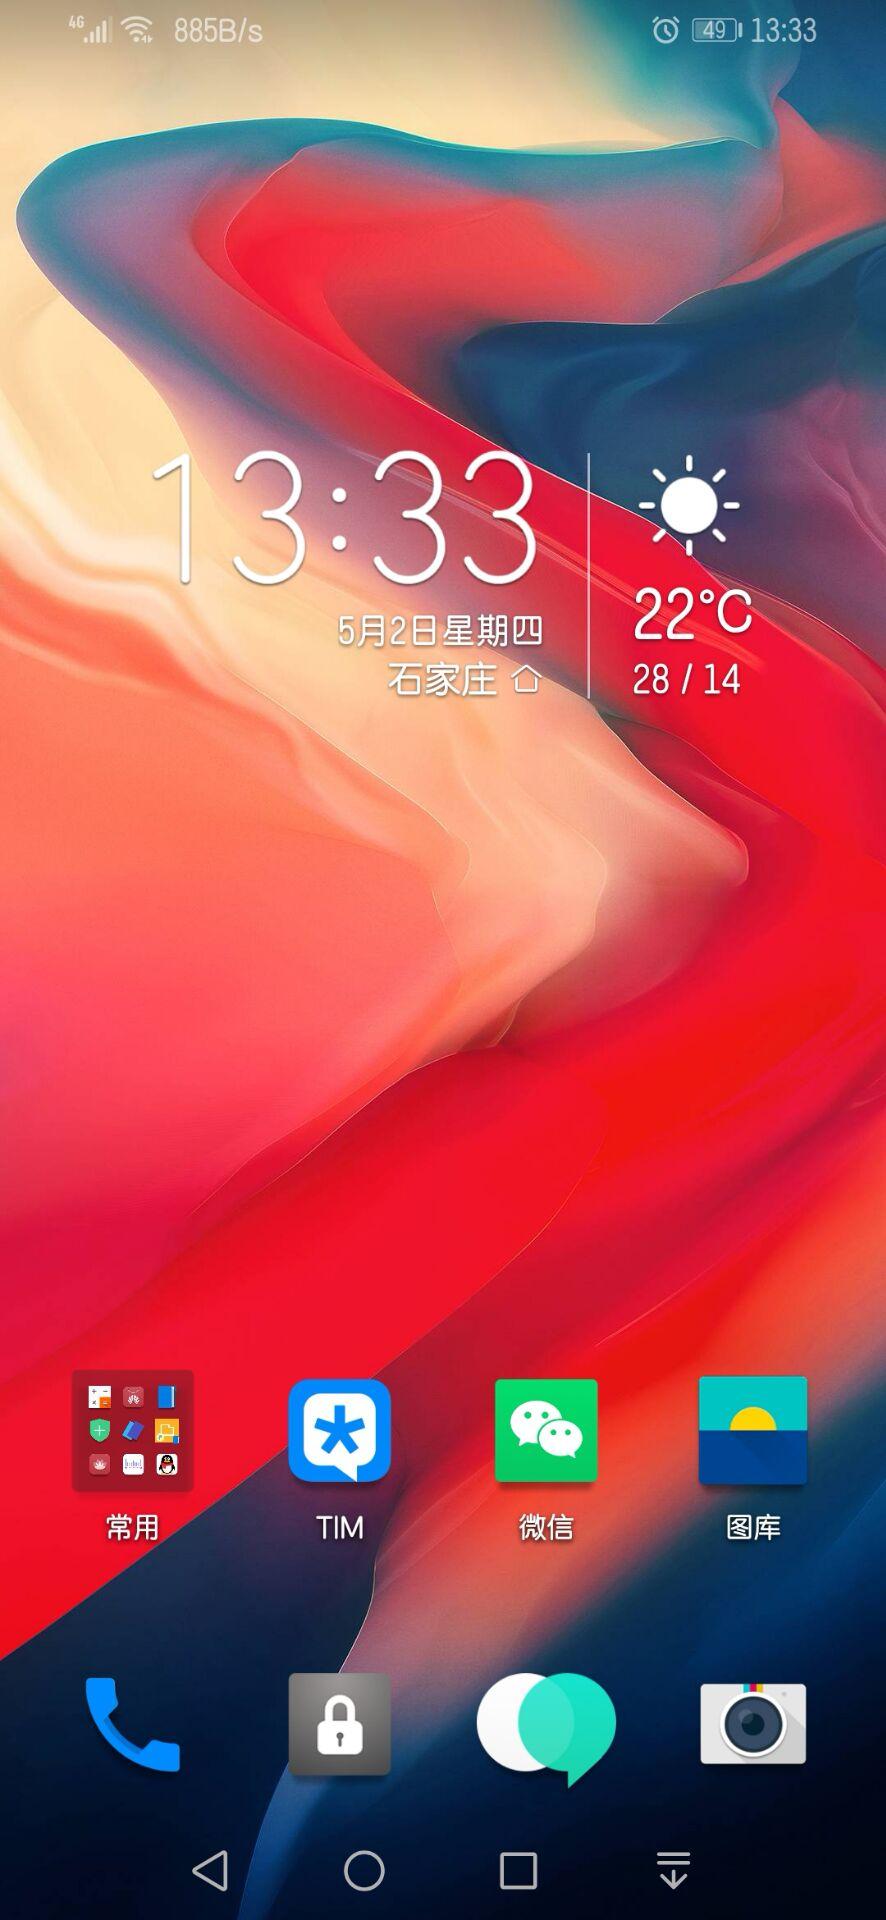 _-1156213654_Screenshot_20190502_133311_com.huawei.android.launcher_155677519100.jpg